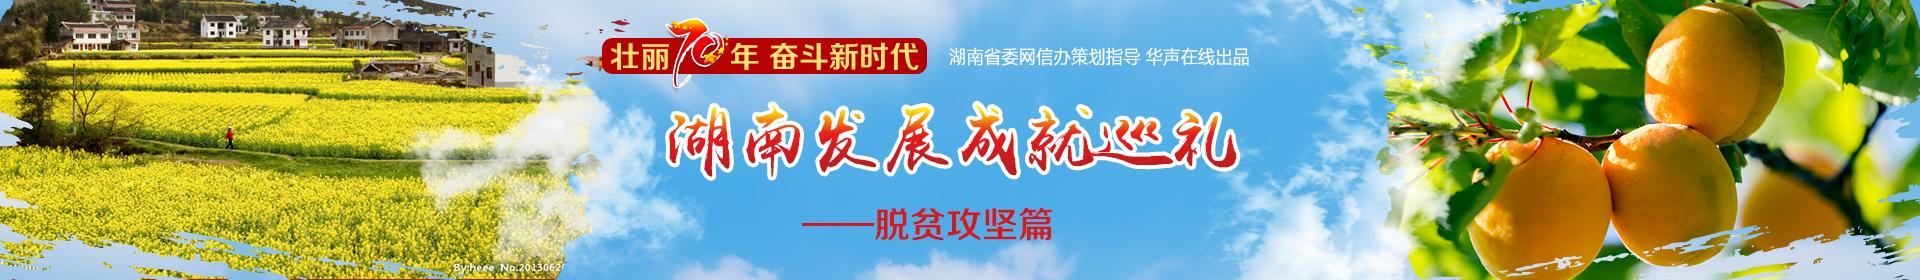 壮丽70年·奋斗新时代——湖南发展成就巡礼·脱贫攻坚篇